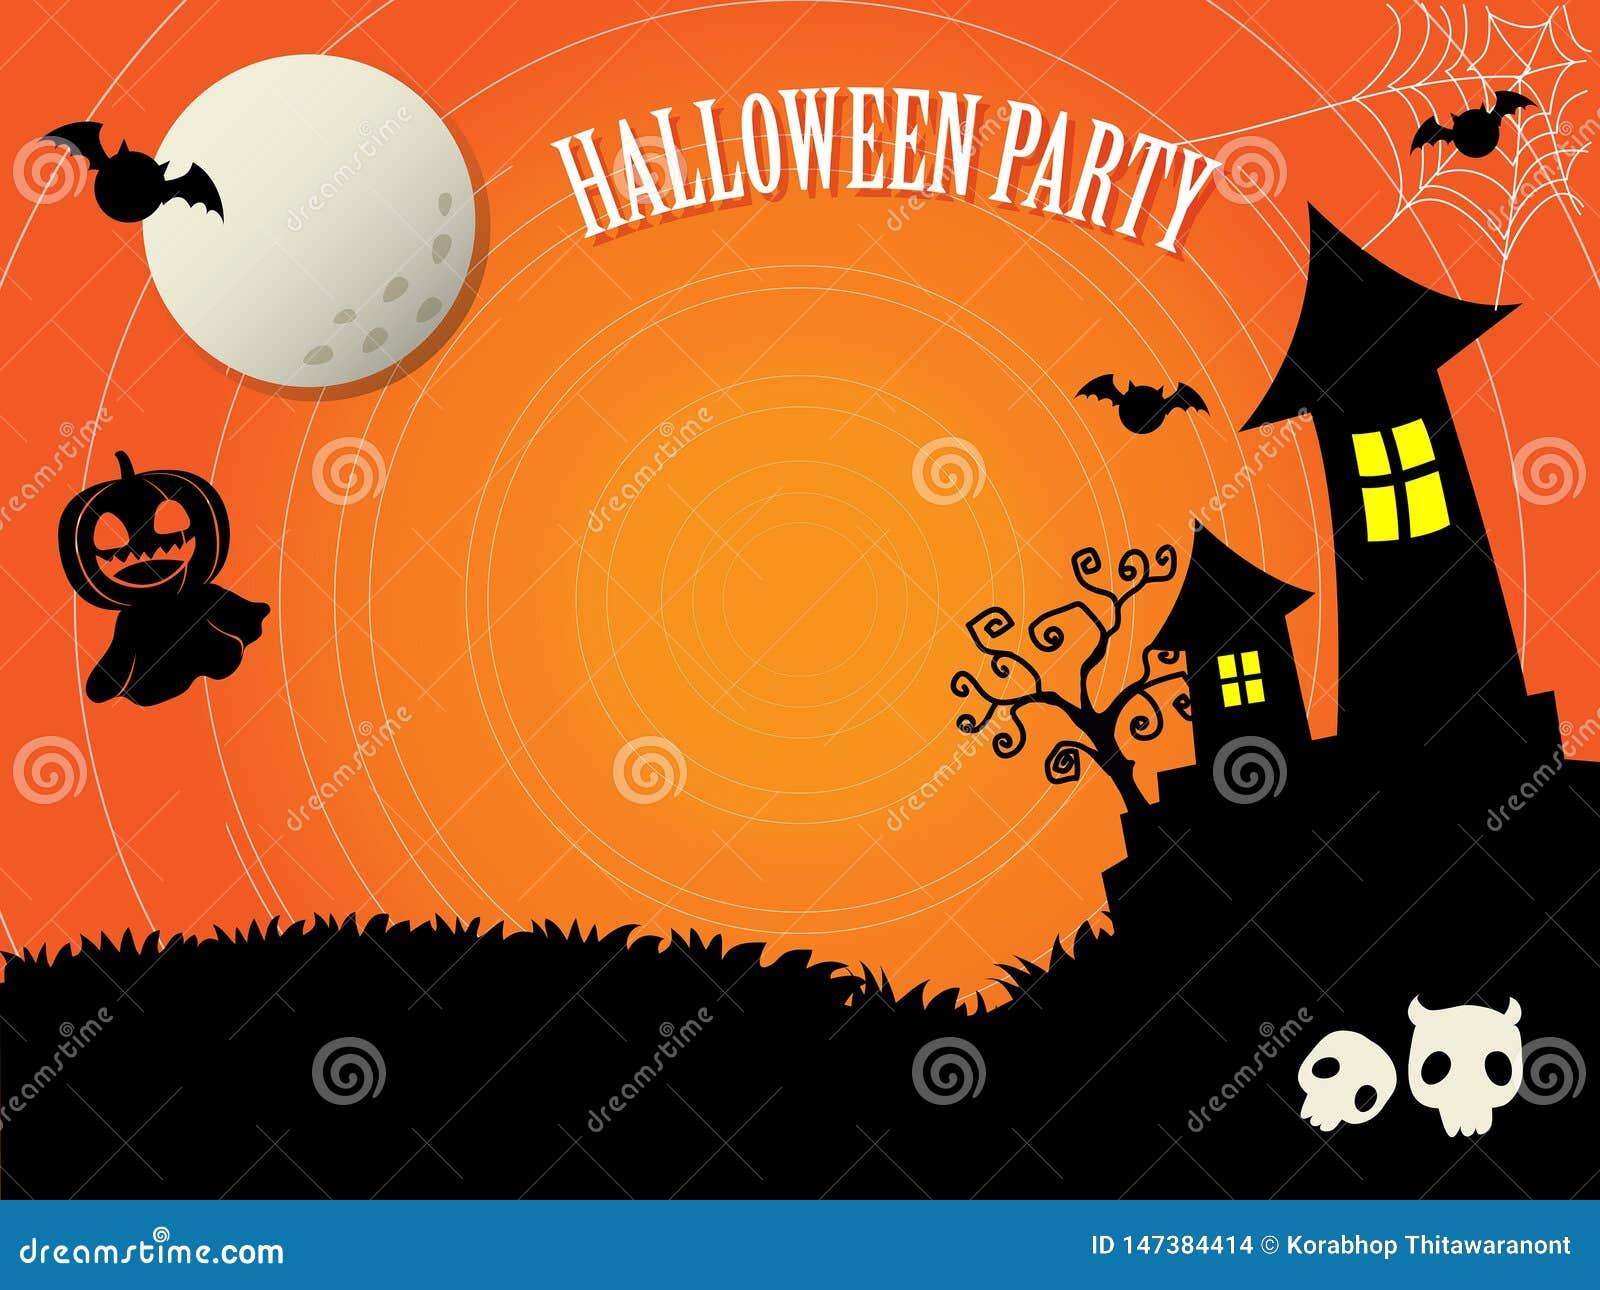 Las plantillas para Halloween parecen asustadizo